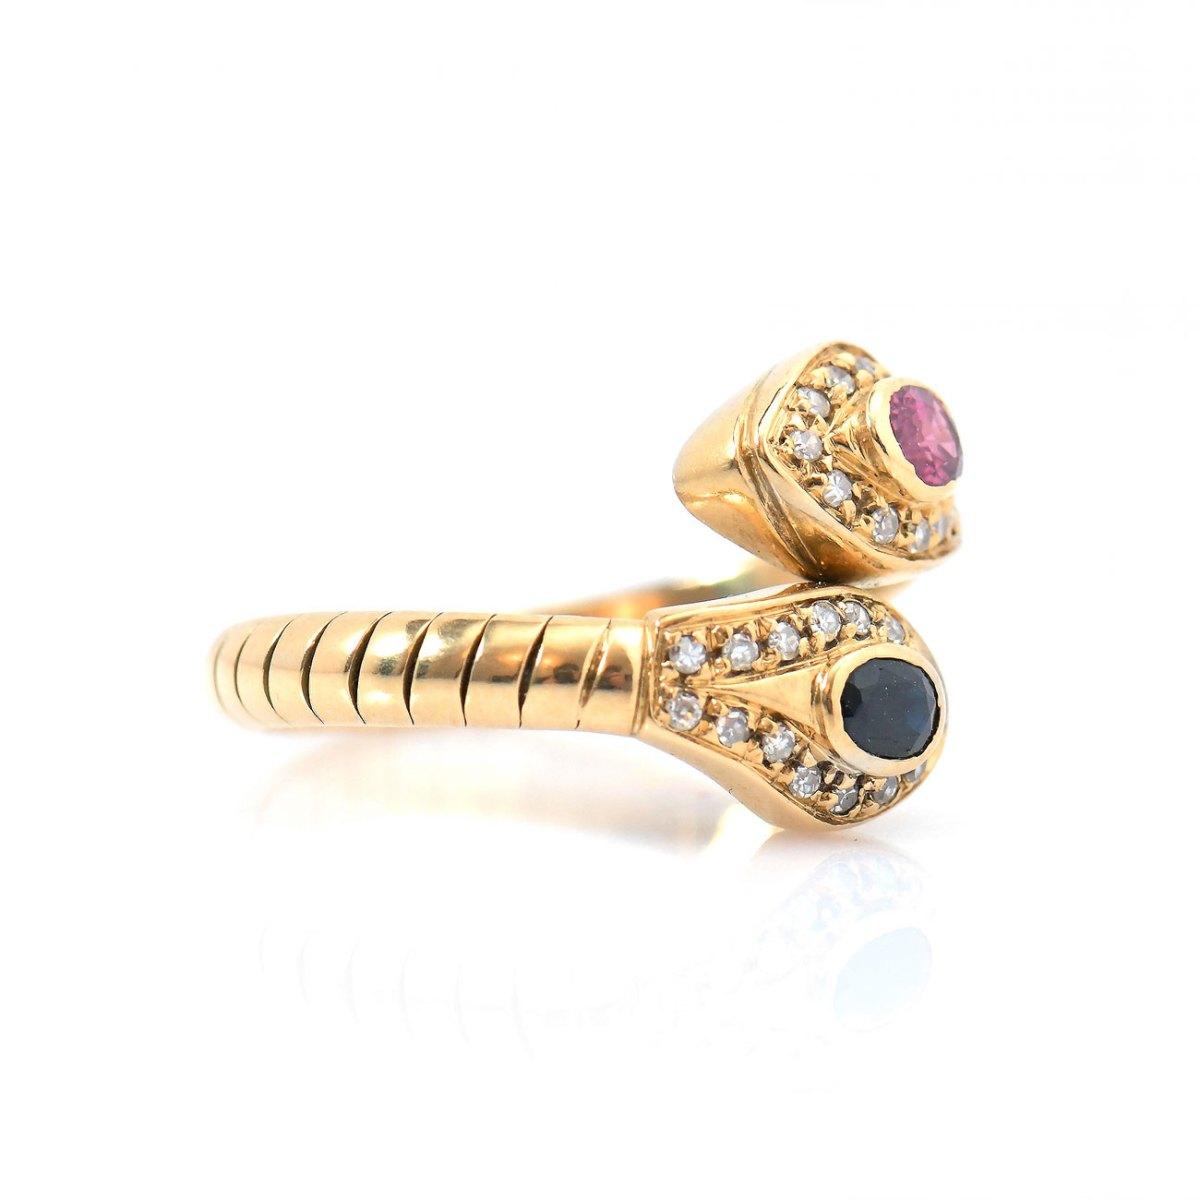 Bague Serpent saphir bleu et tourmaline rose, entourage diamants, or jaune 750‰, Taille 57/59 | Réf. BA-B18414 | EVENOR Joaillerie • Bijoux Vintage